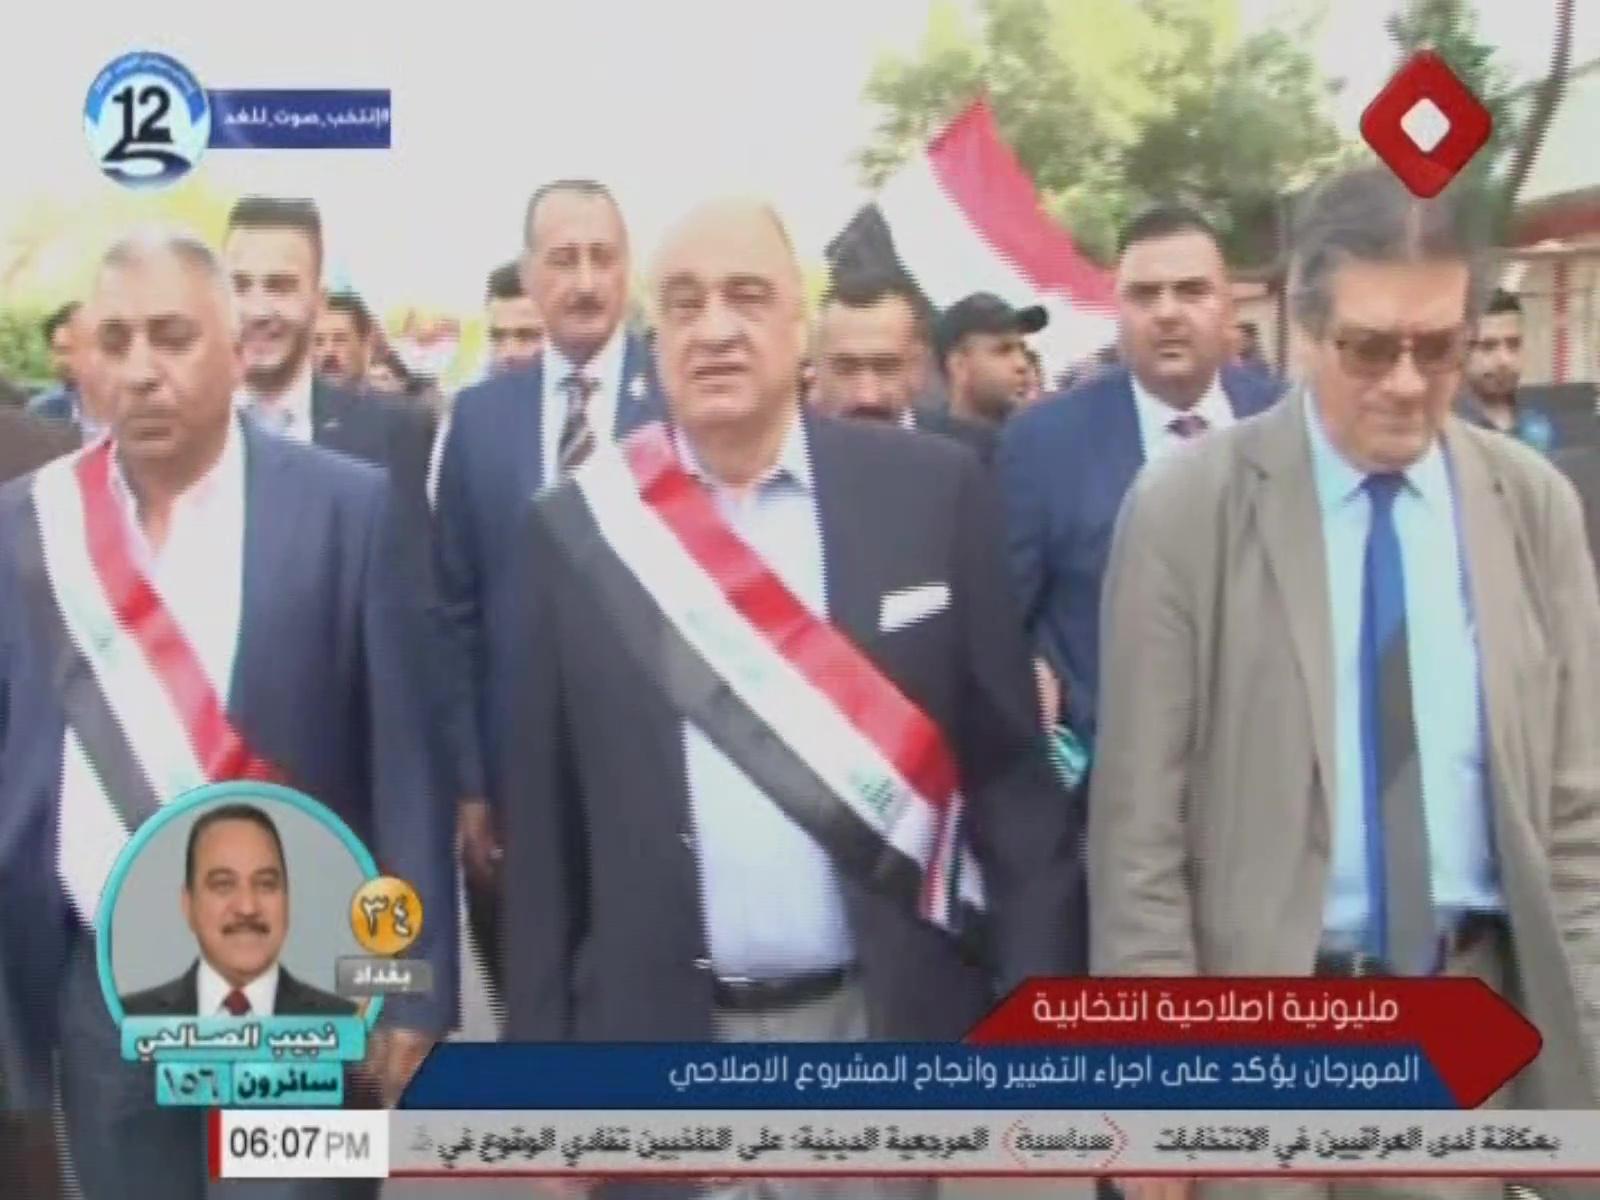 مهرجان اصلاحي كبير يحضره الاستاذ سعد عاصم الجنابي واعضاء سائرون